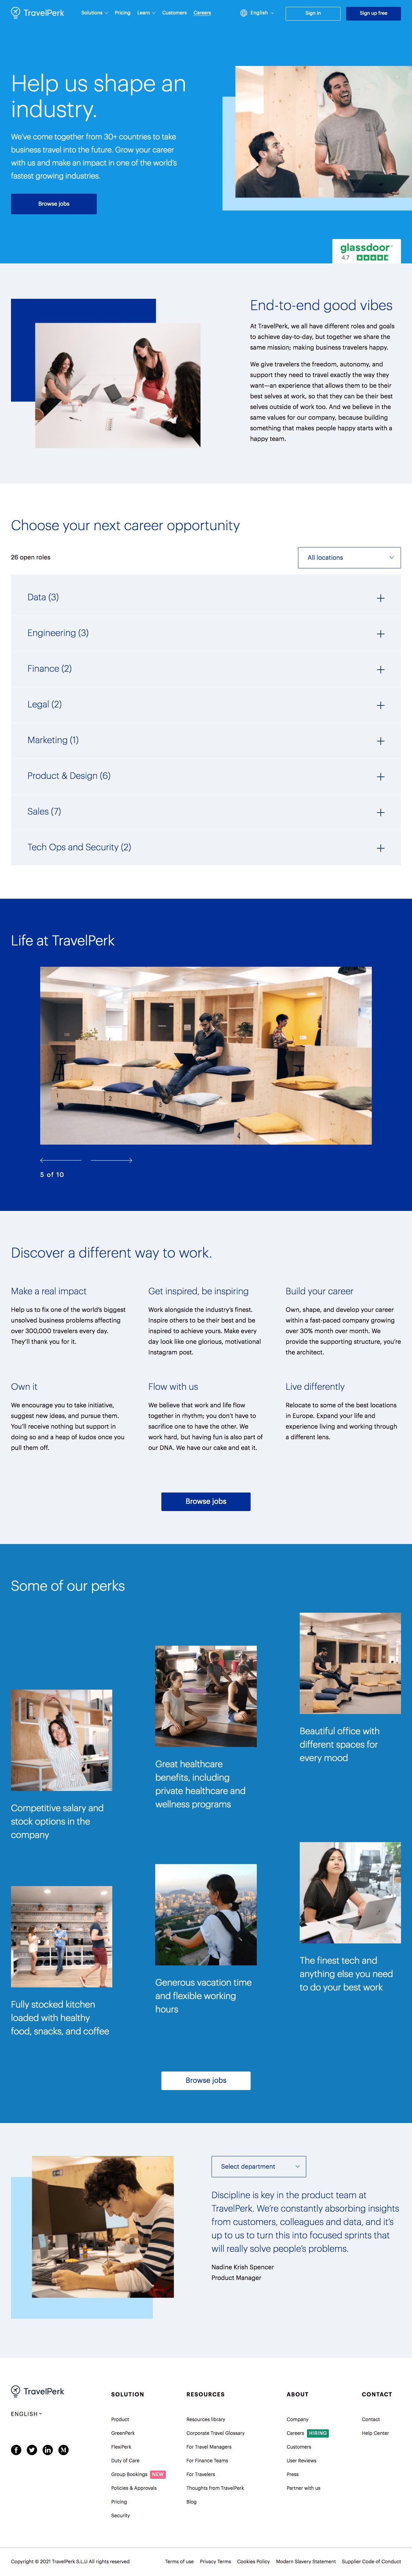 TravelPerk – Careers page